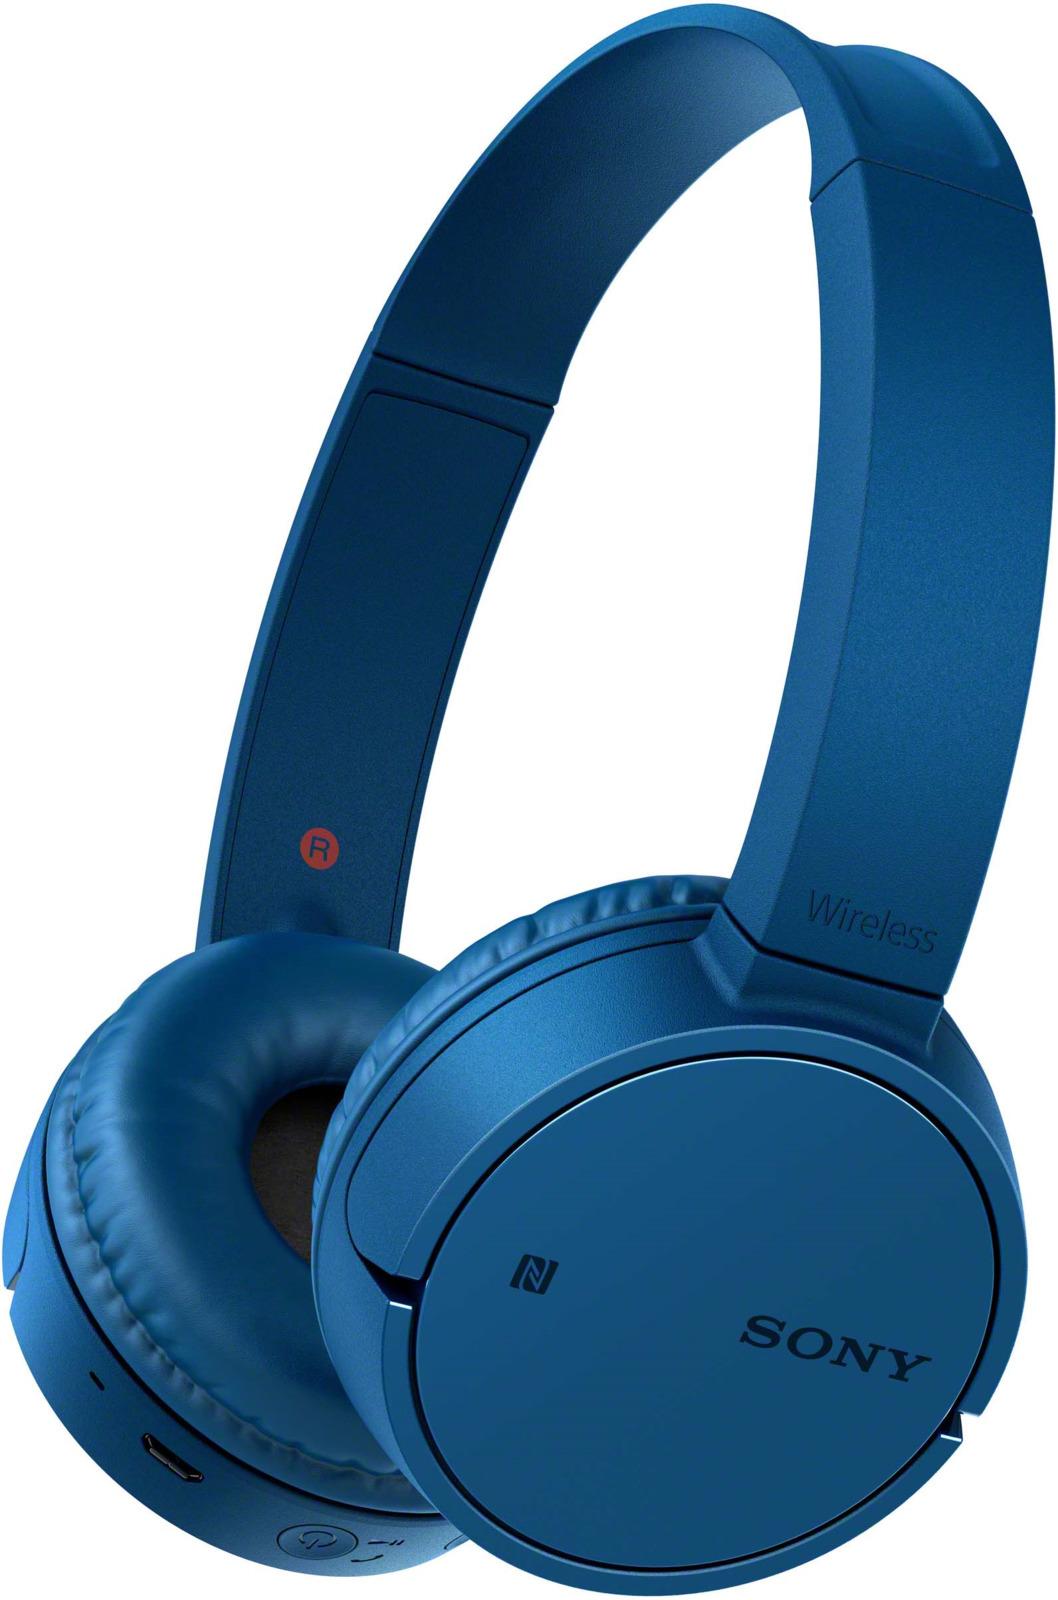 Беспроводные наушники Sony WH-CH500, цвет синий цена и фото